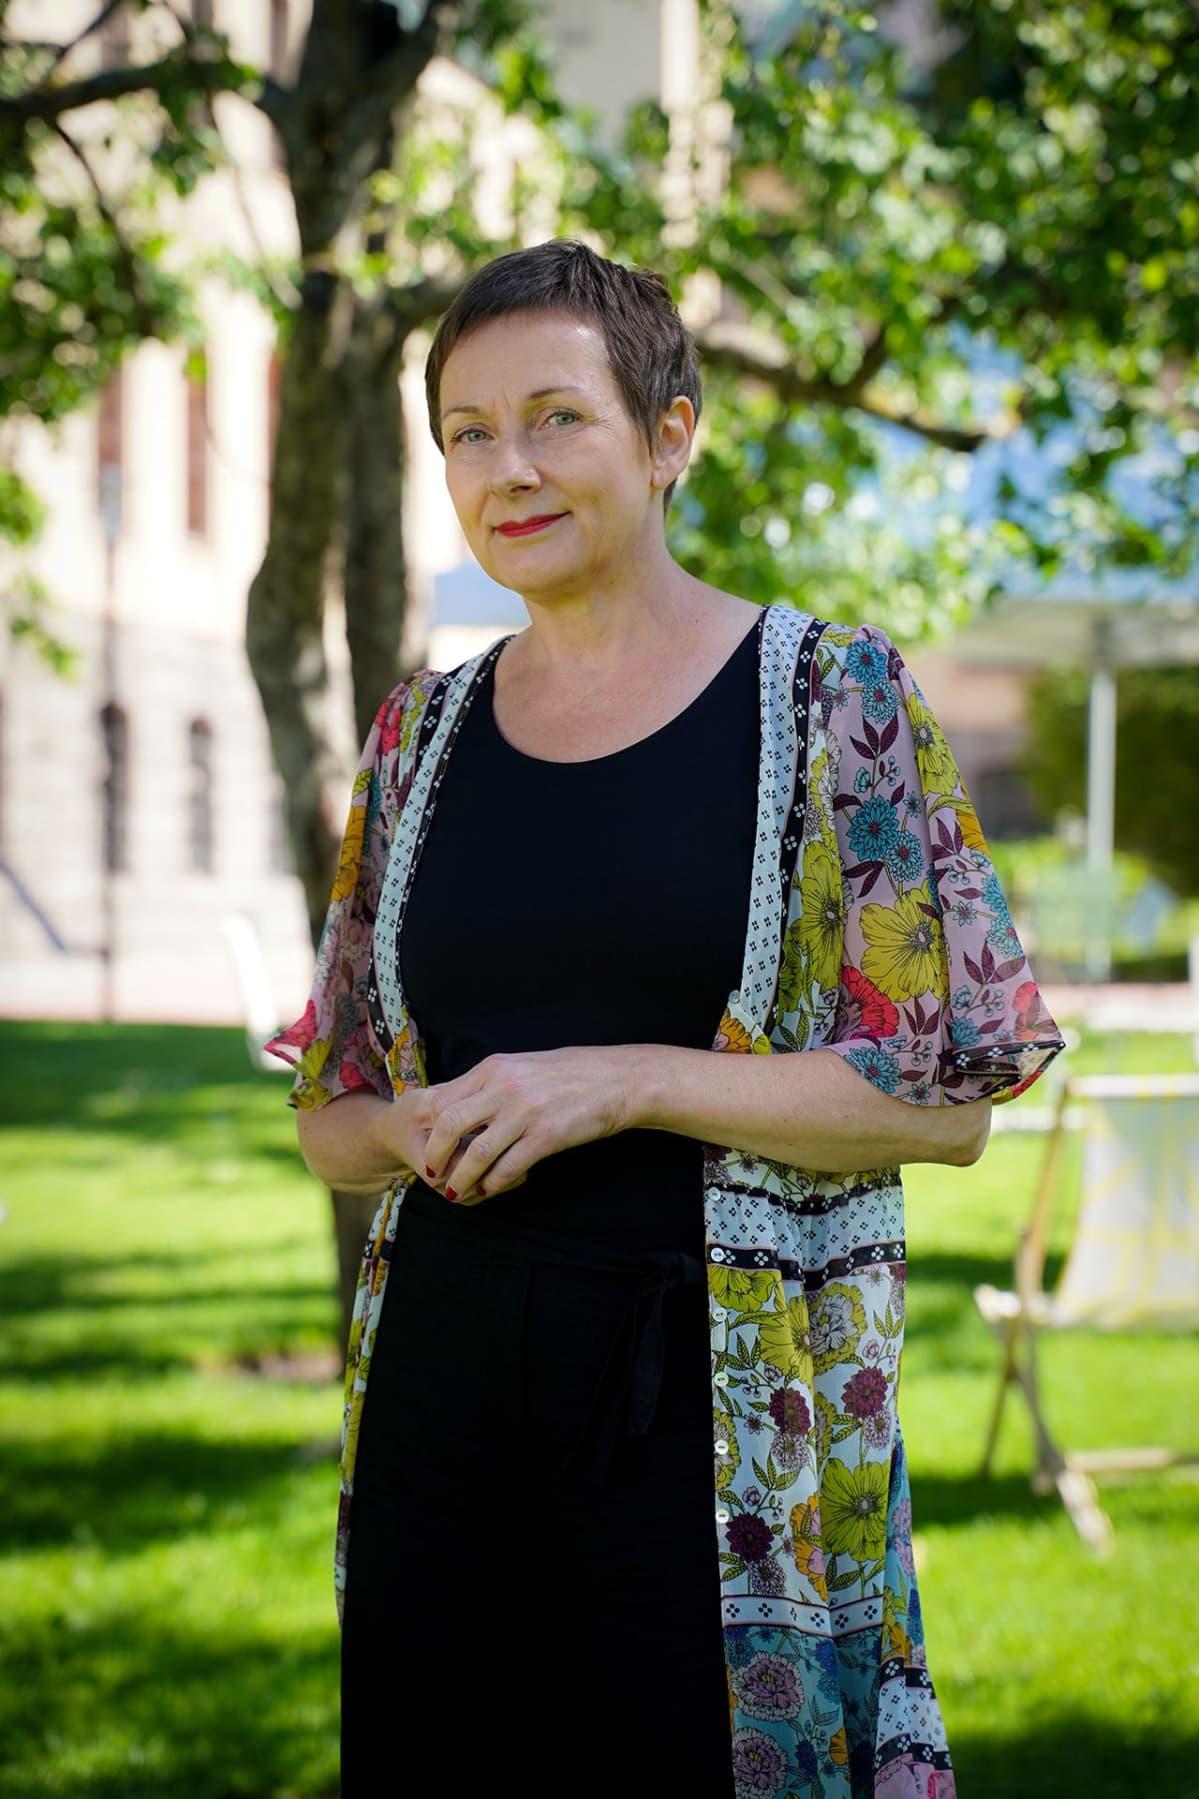 Elina Anttila, Kansallismuseo